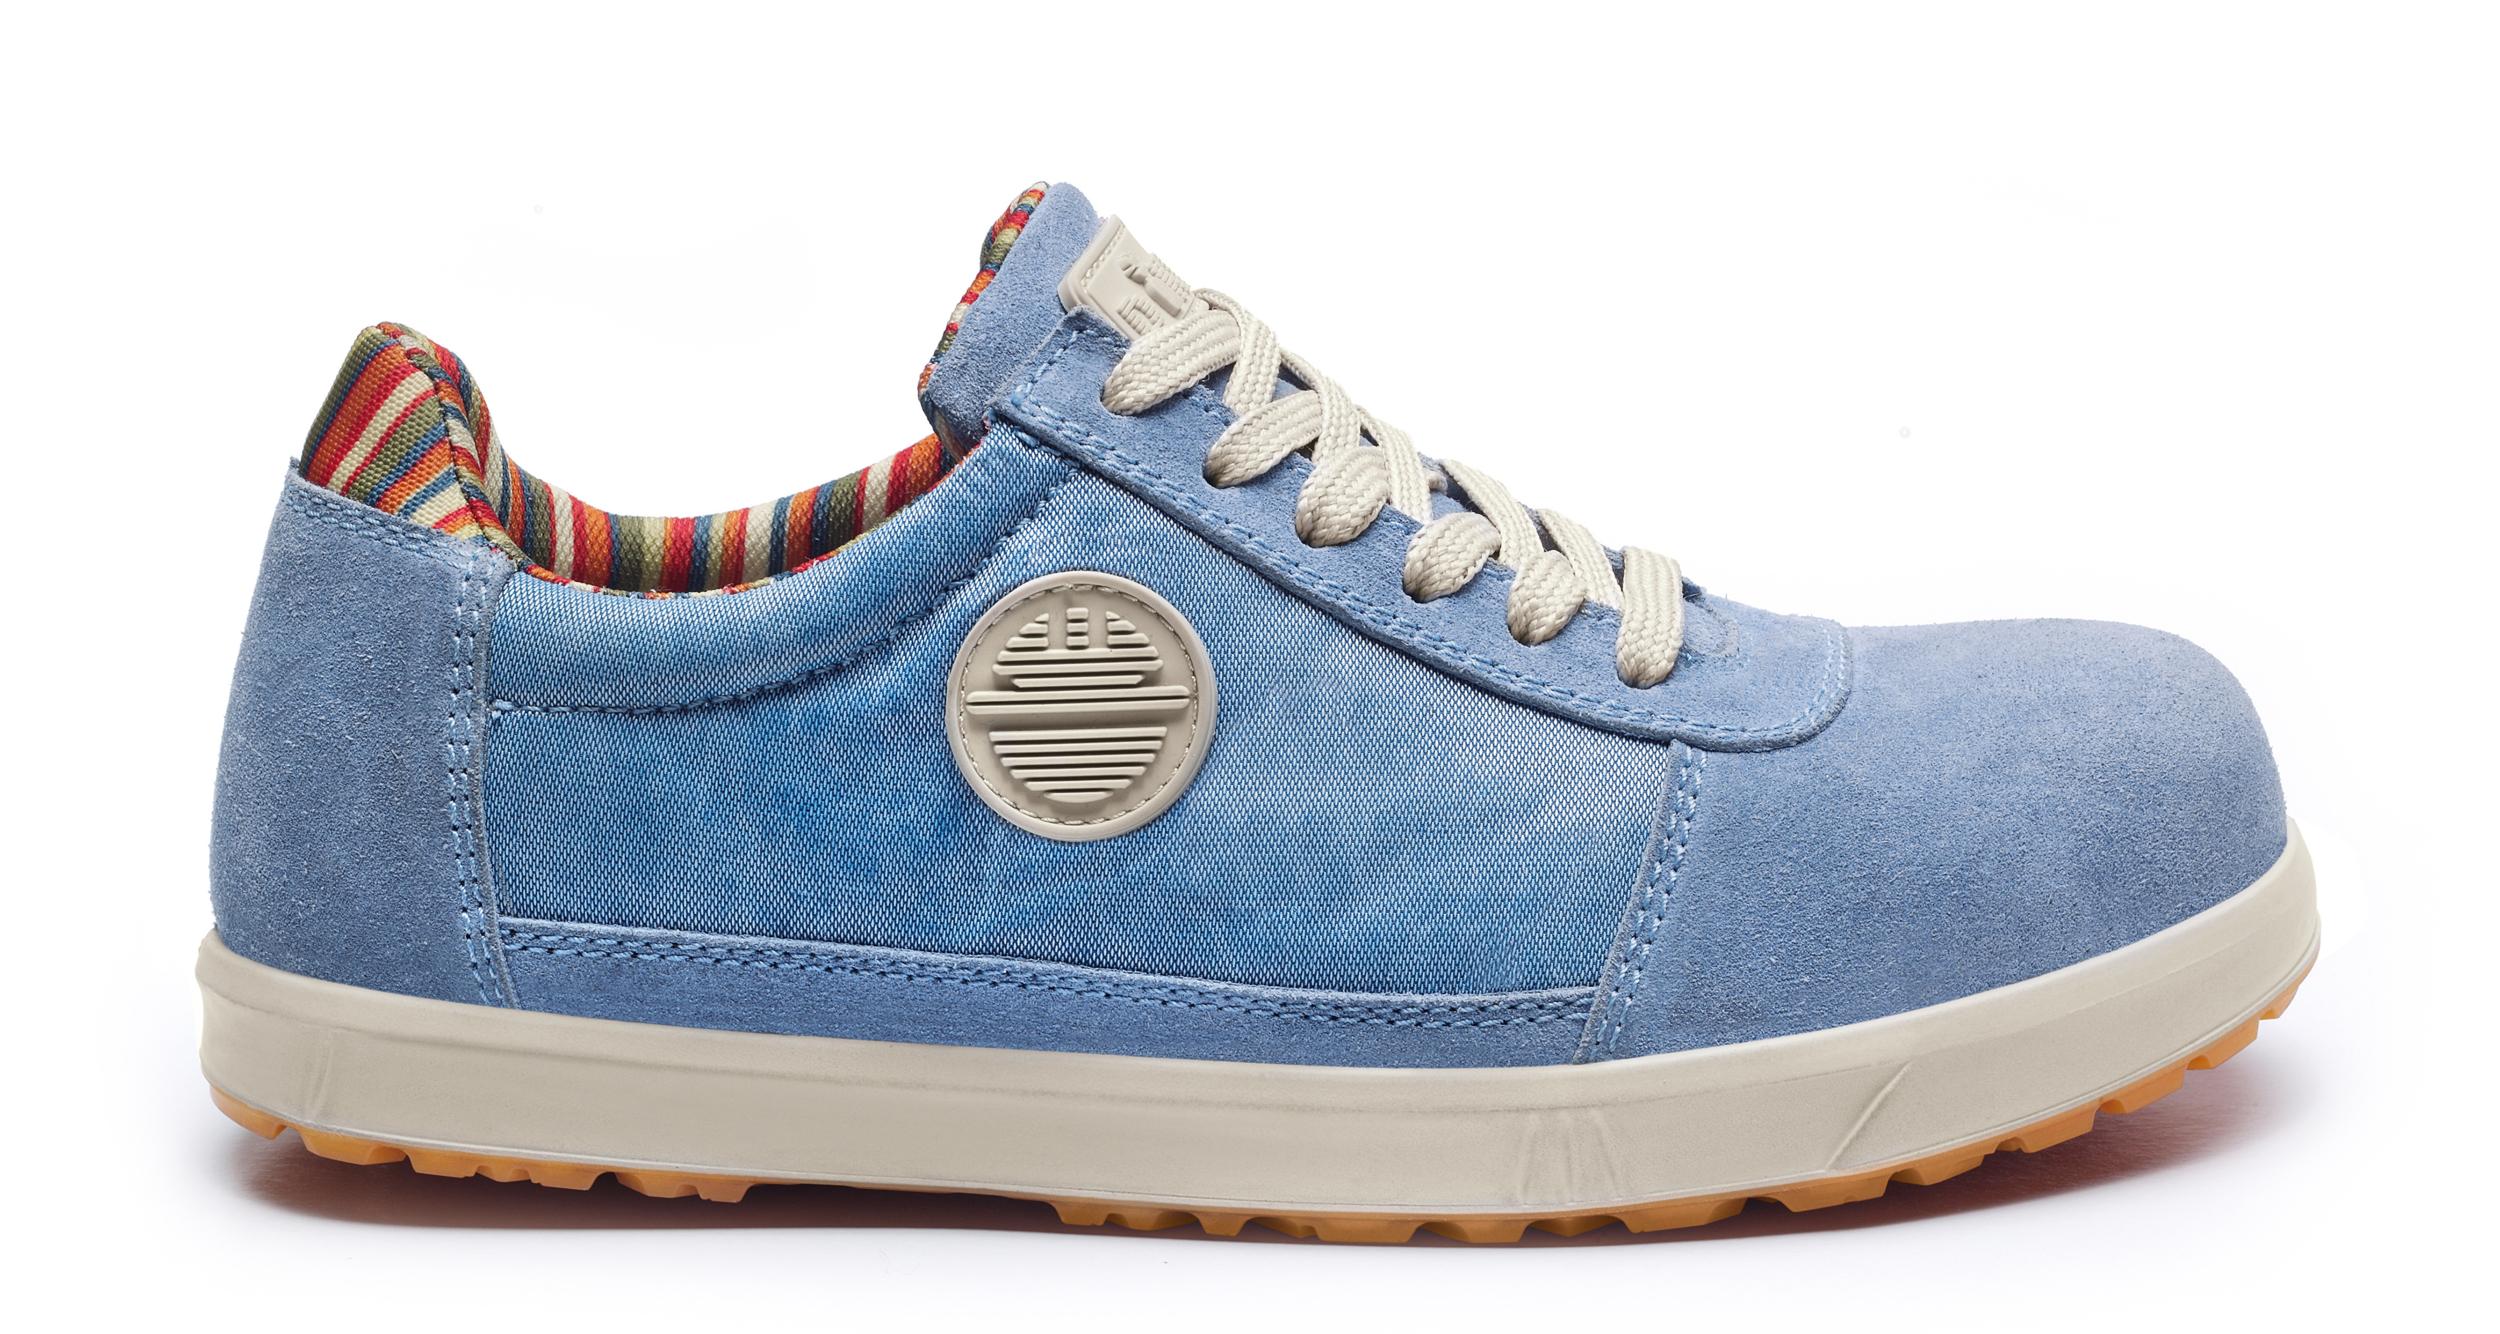 Chaussure de Sécurité Basse LEVITY LADY D BASSE S1P SRC Bleu Ciel | DIKE | 25616-805 | Du 35 au 42